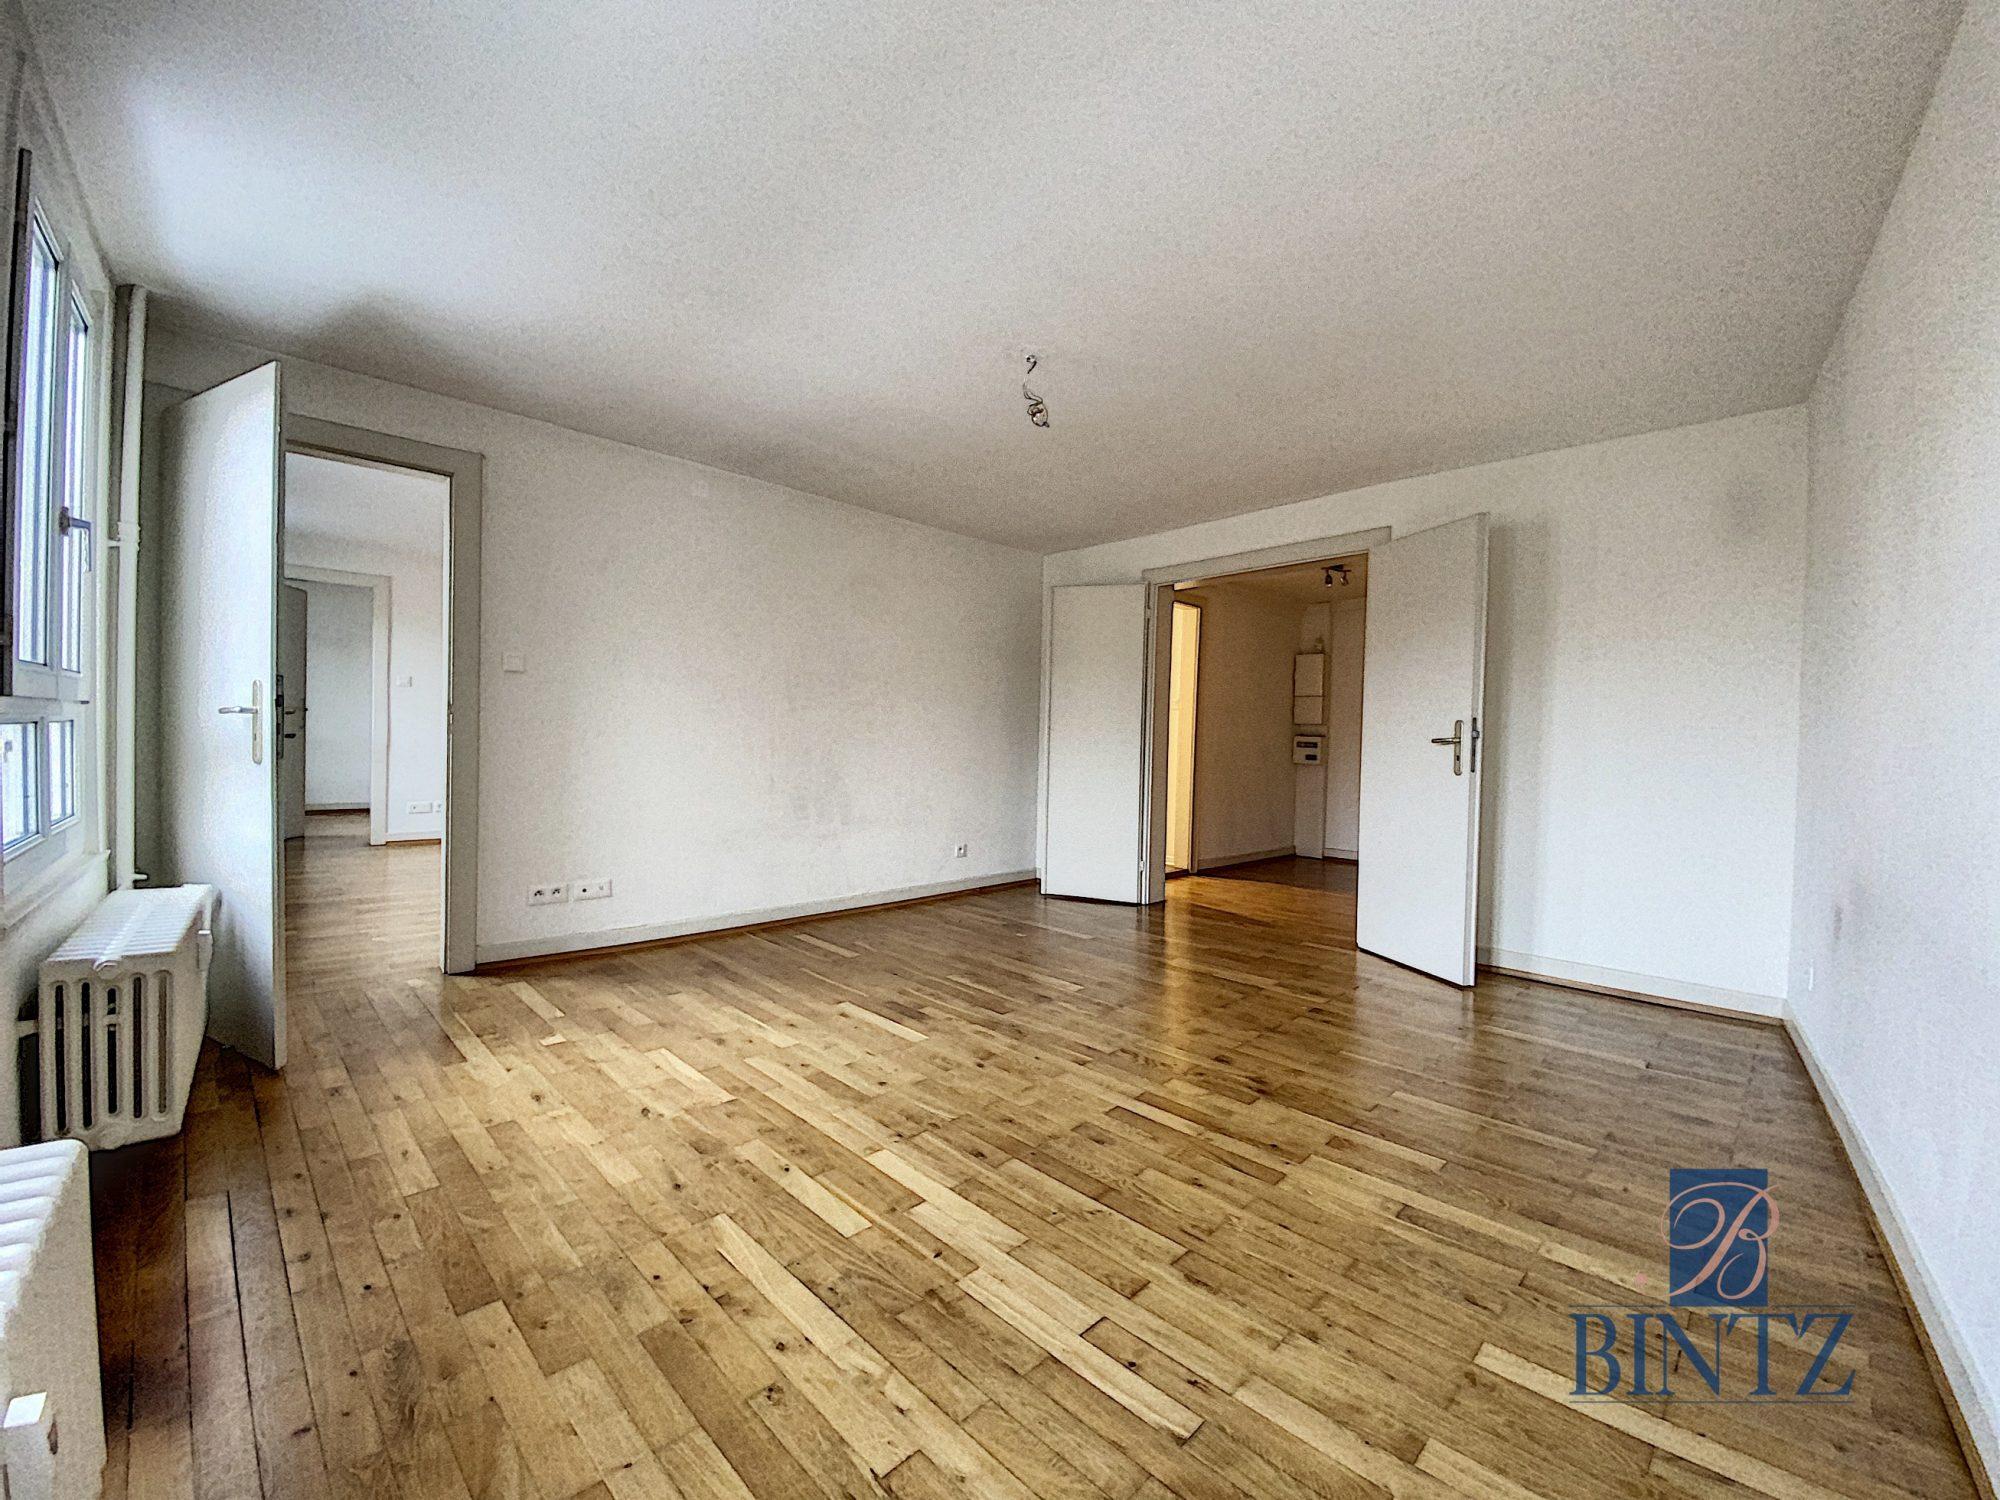 3 PIÈCES HYPERCENTRE - Devenez locataire en toute sérénité - Bintz Immobilier - 9